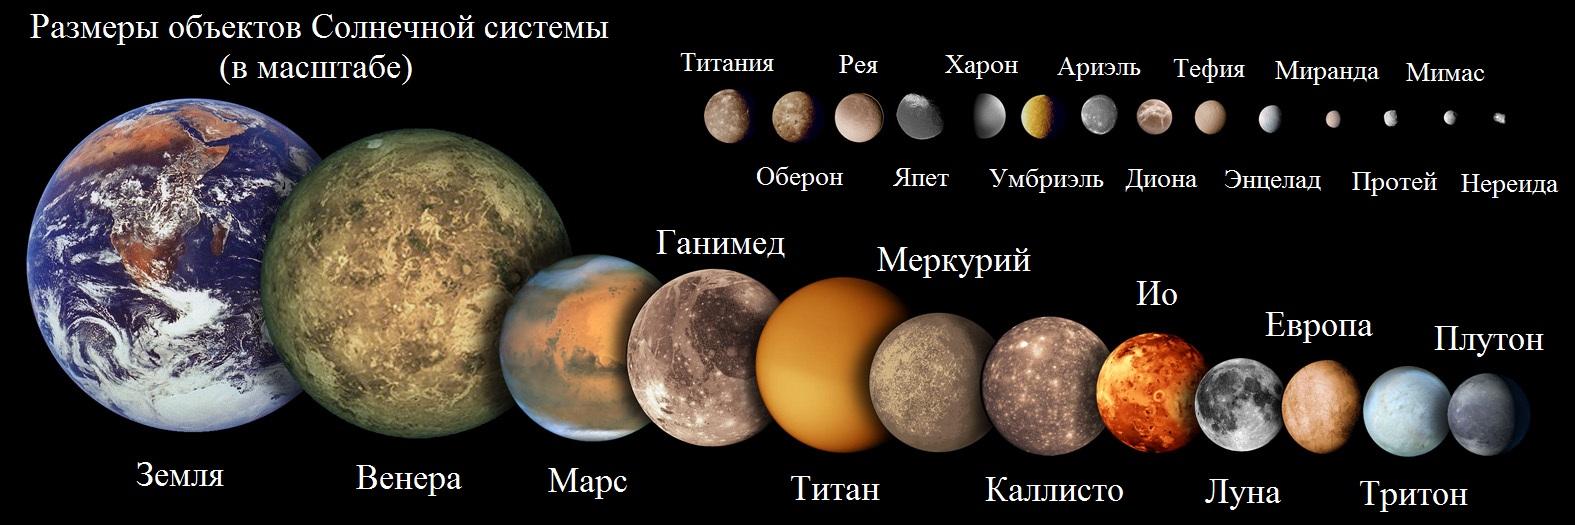 Поиск жизни в Солнечной системе - 1